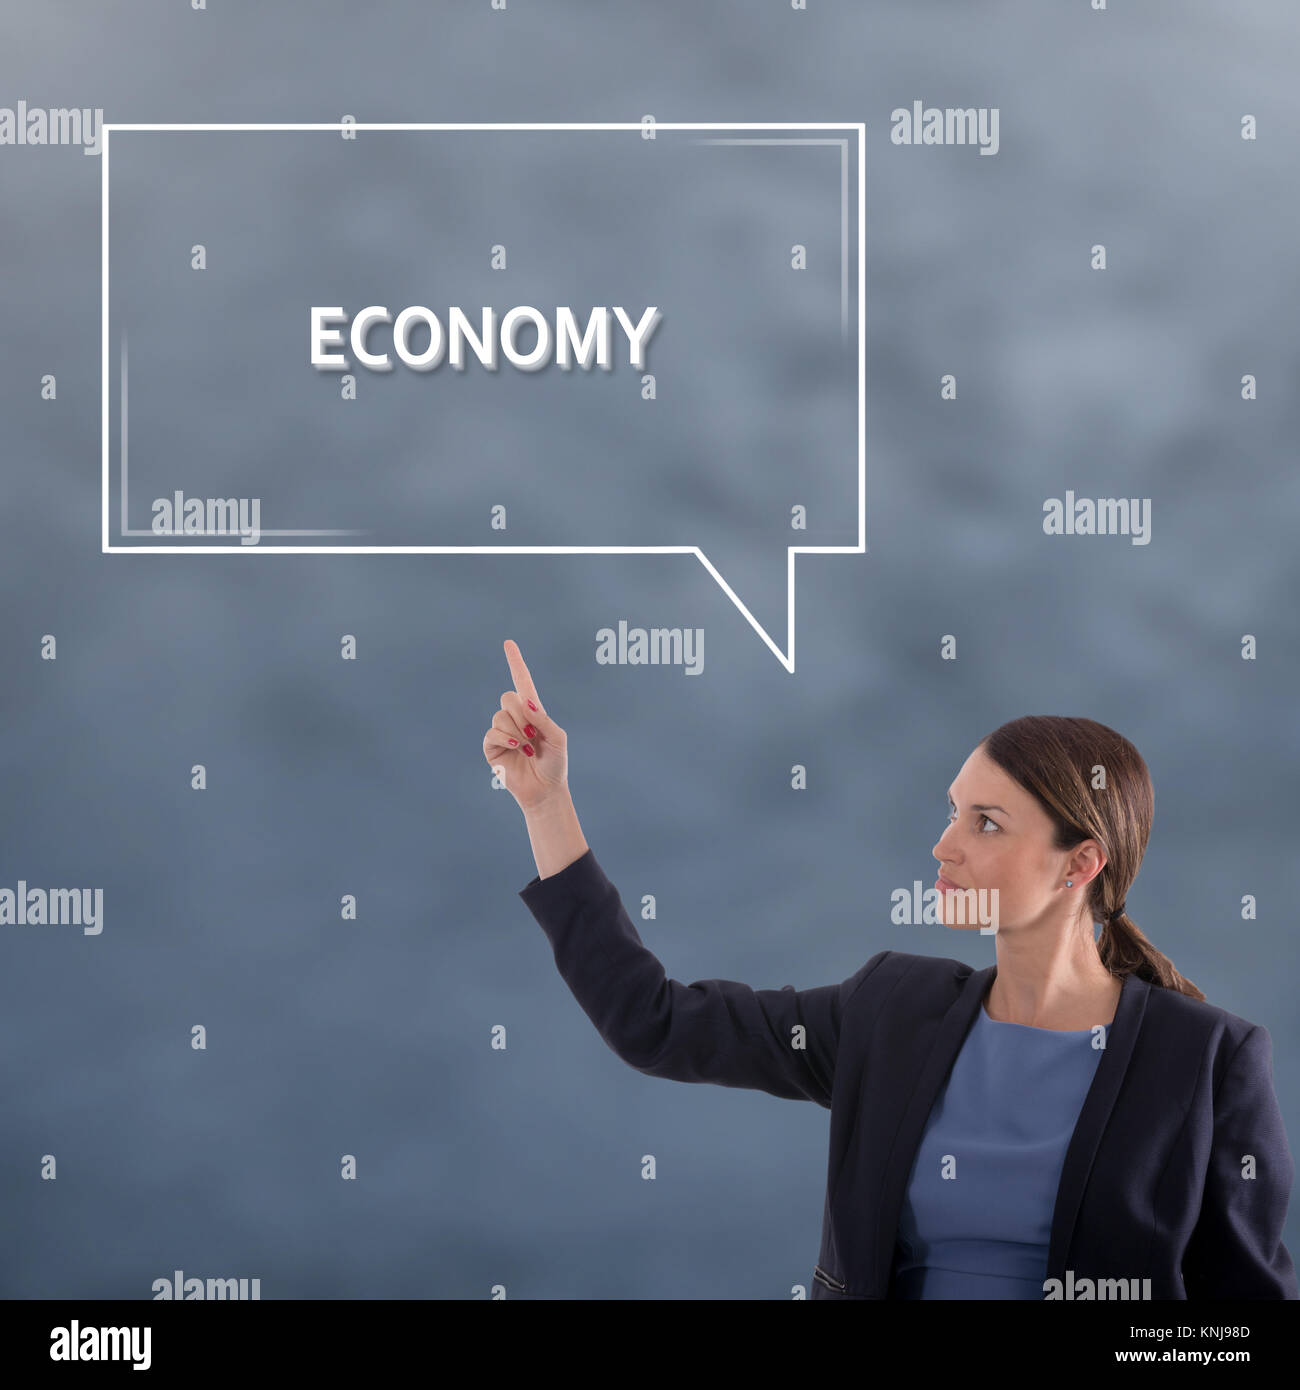 Concepto de negocio de la economía. Mujer de negocios Concepto Gráfico Imagen De Stock